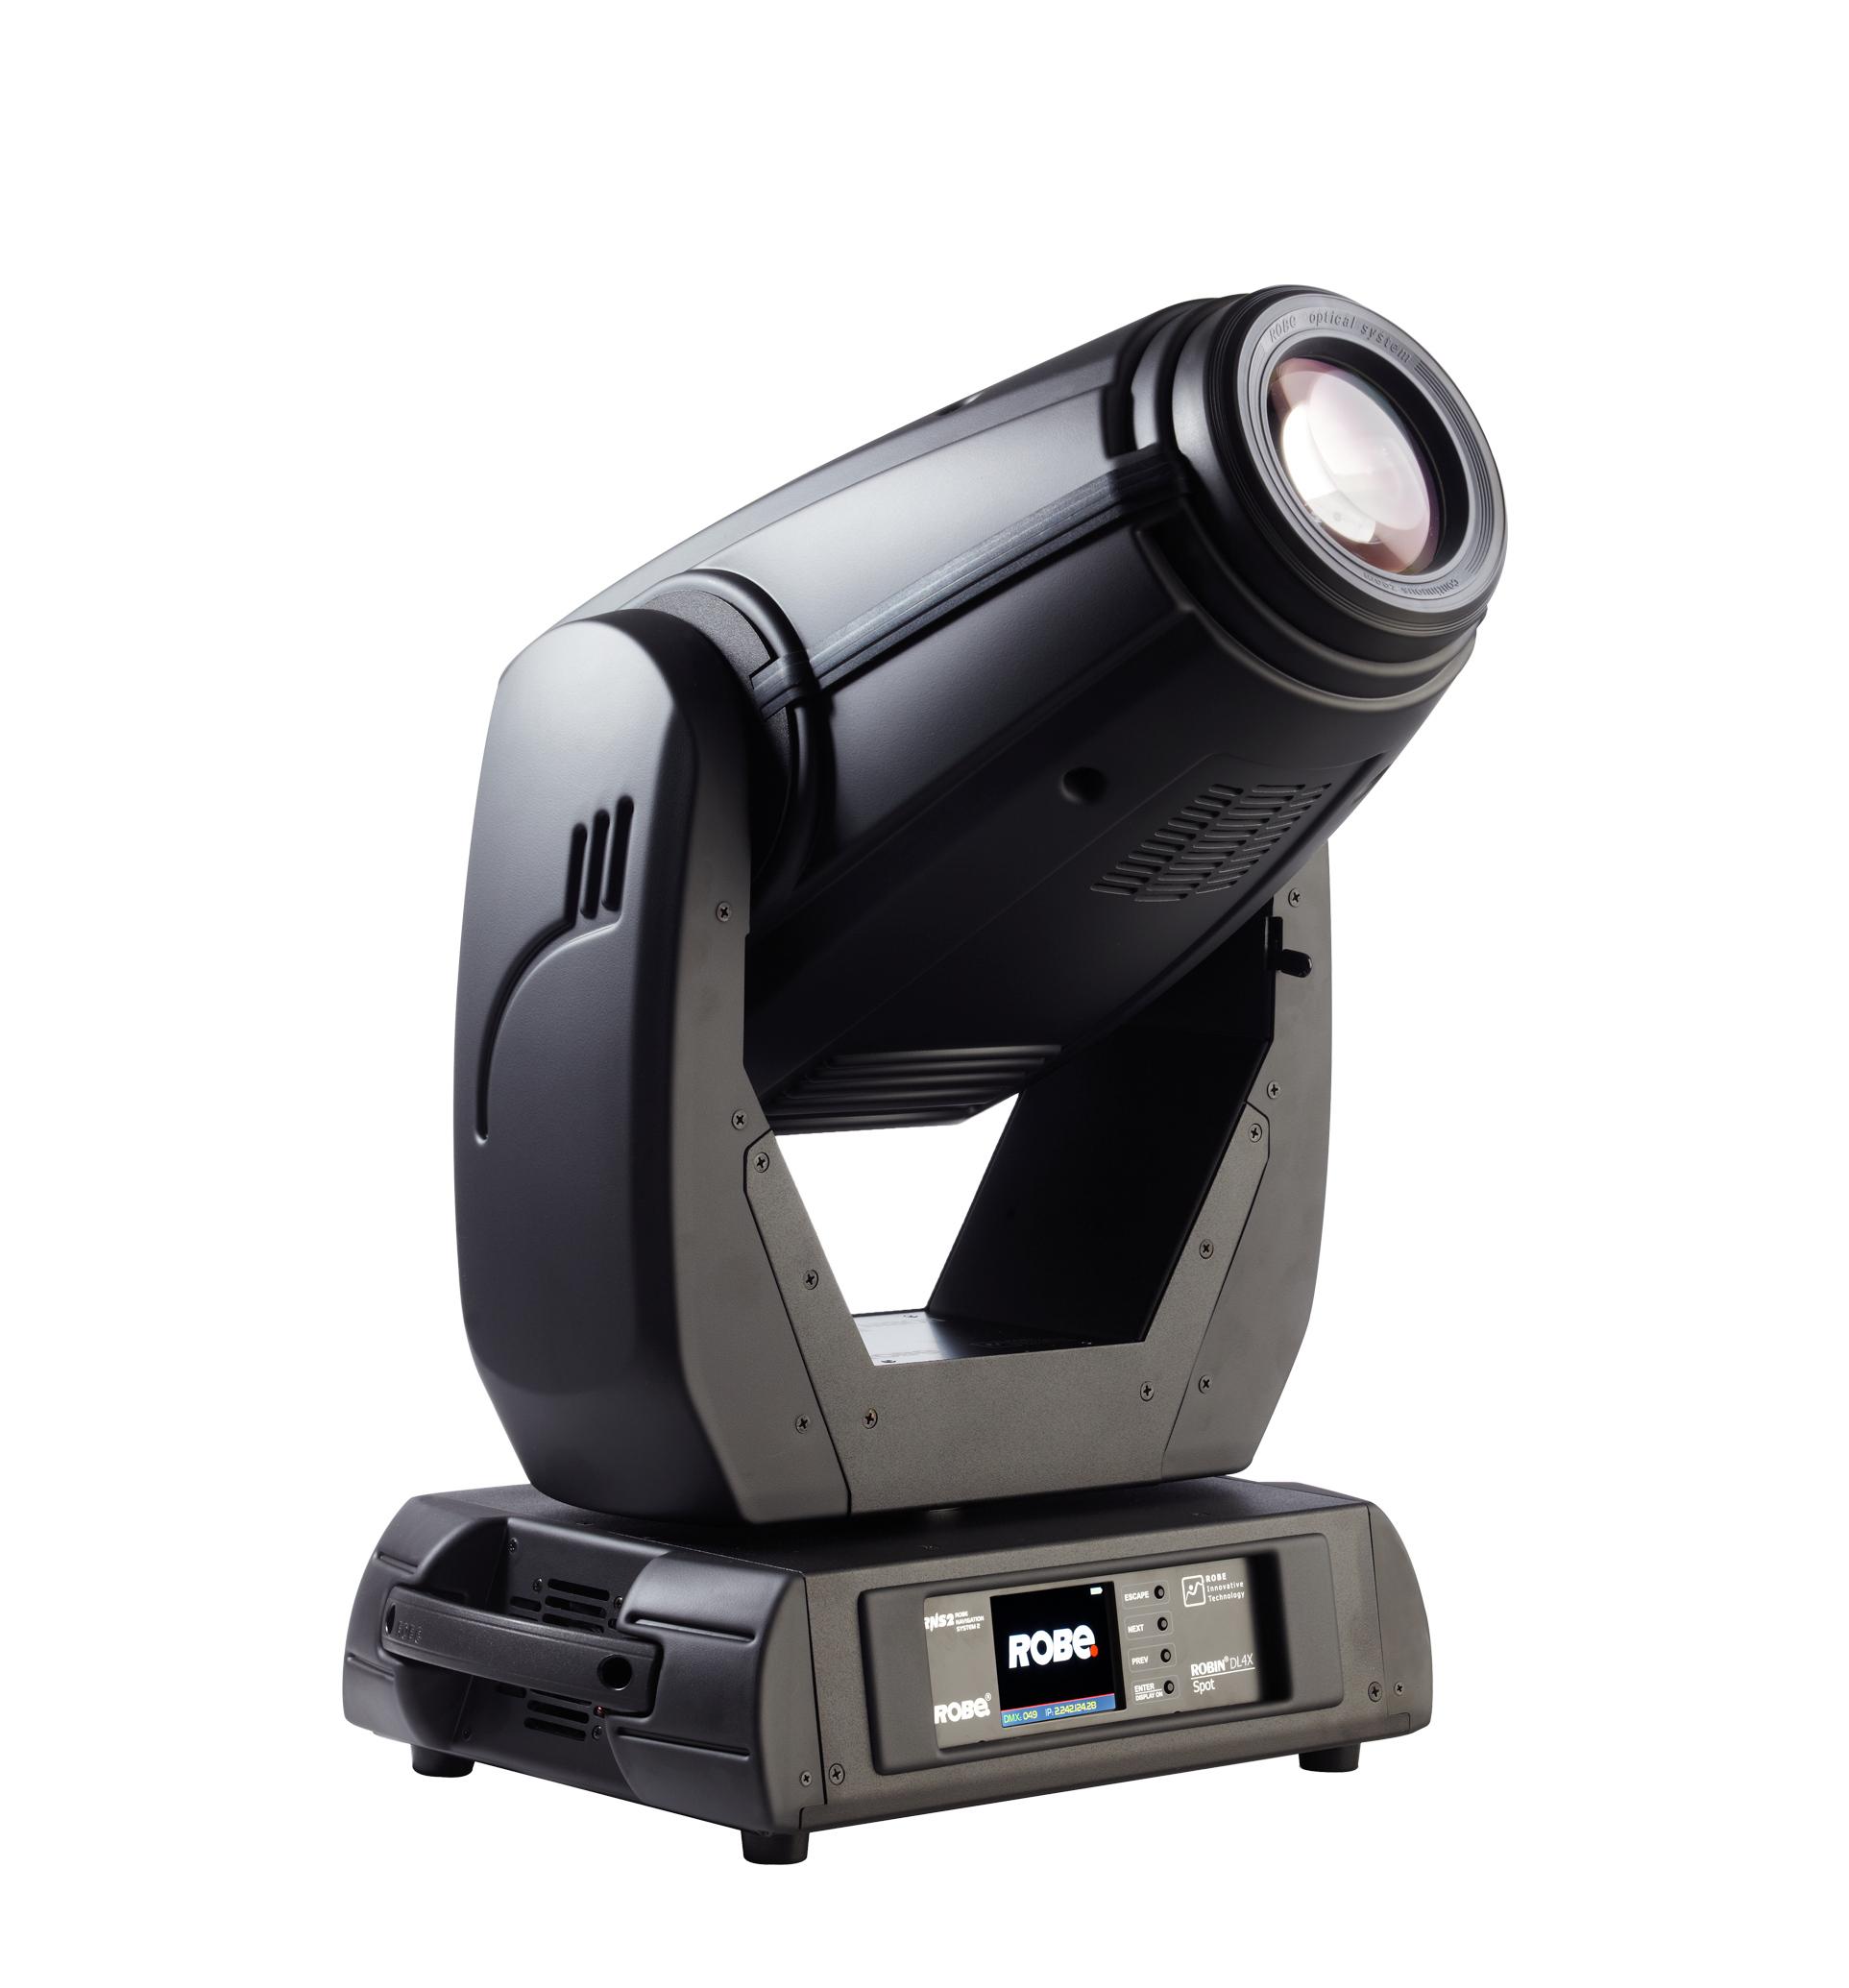 Robe Lighting, Inc ROBIN-DL4X-SPOT 480 Watt LED Moving Head Spot Fixture ROBIN-DL4X-SPOT